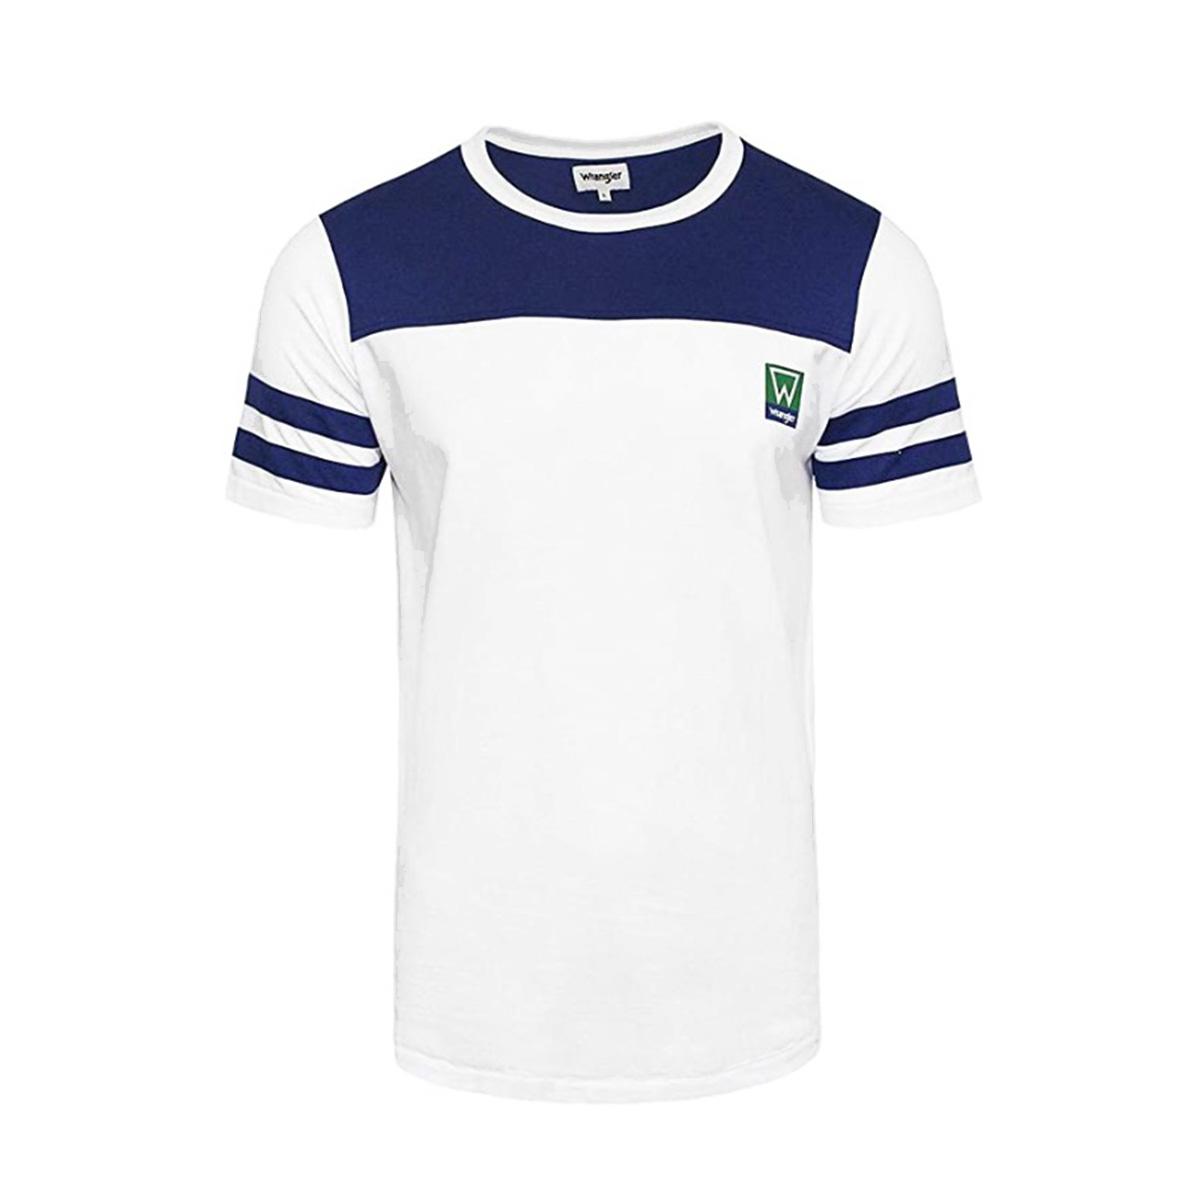 T-shirt maschile Wrangler-W7B31GNJY